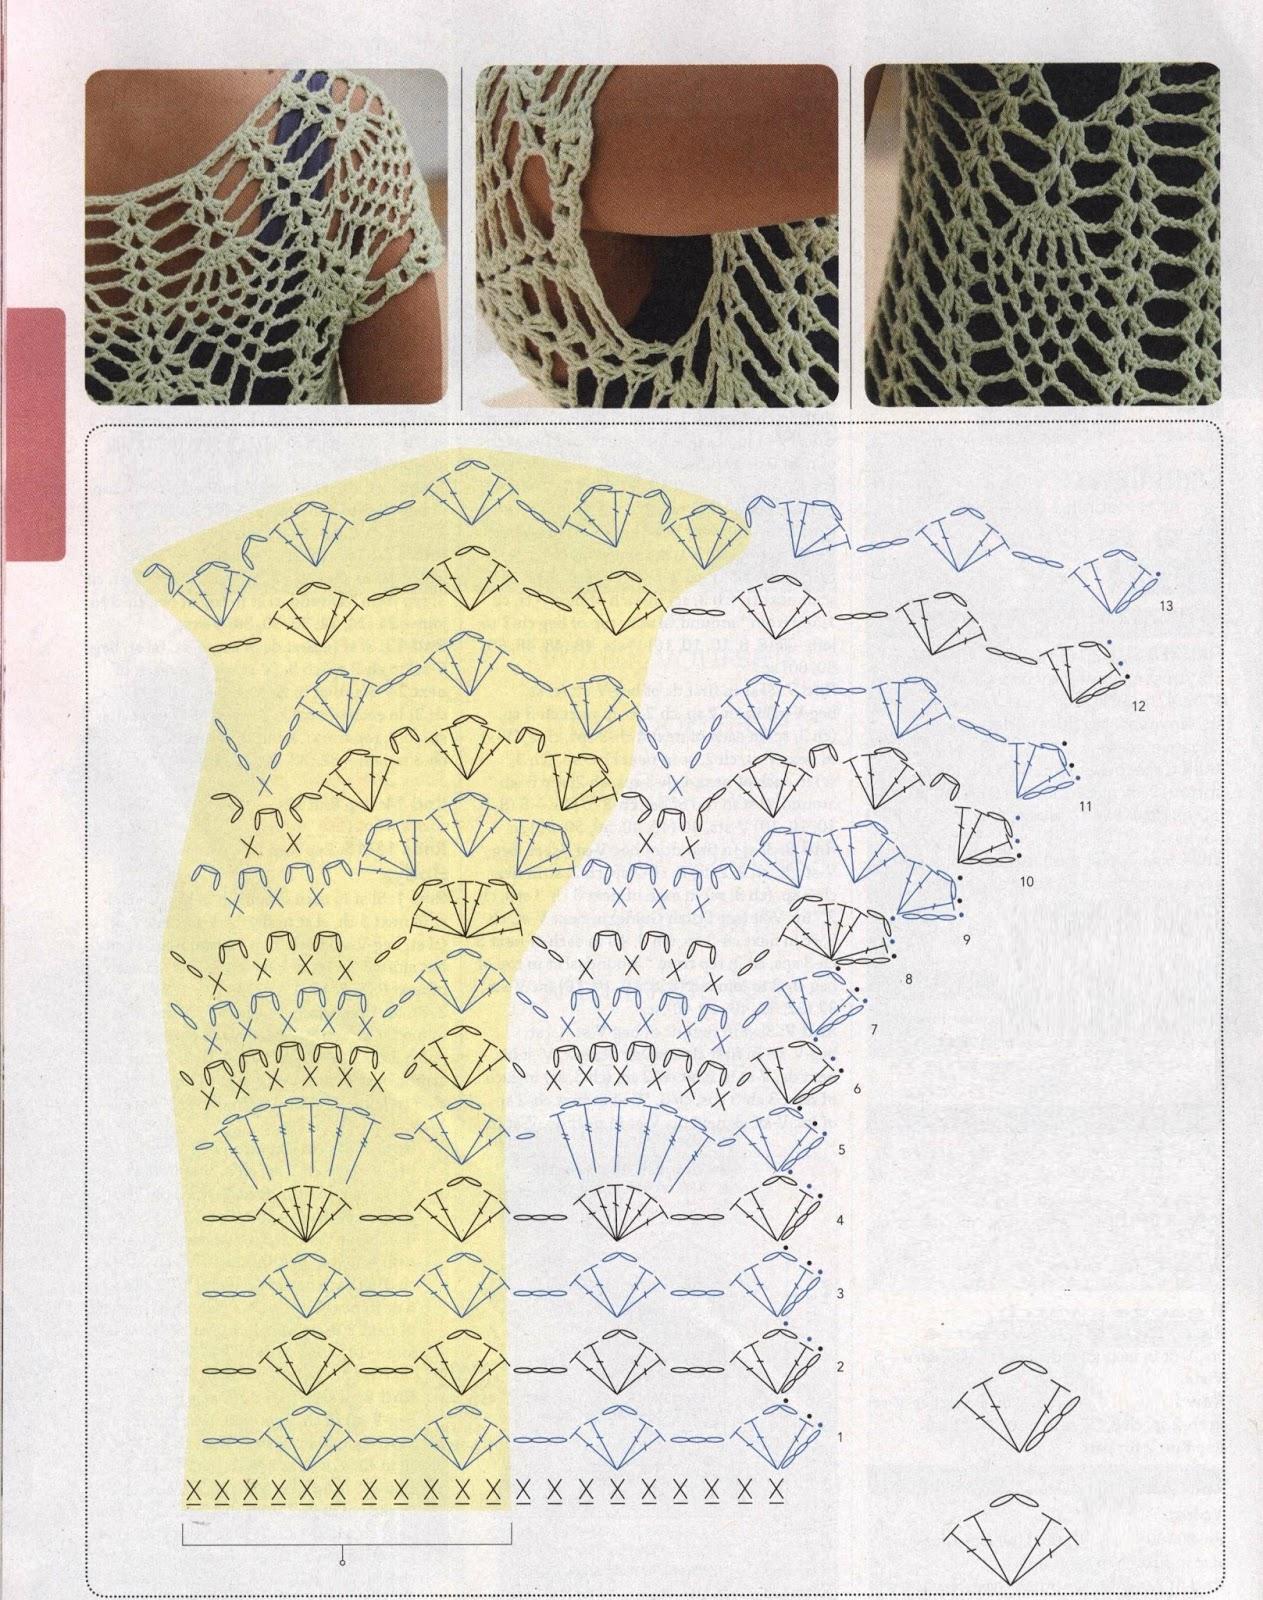 stitch crochet crochet knitting 7 crochet dos crochet dress crochet ...